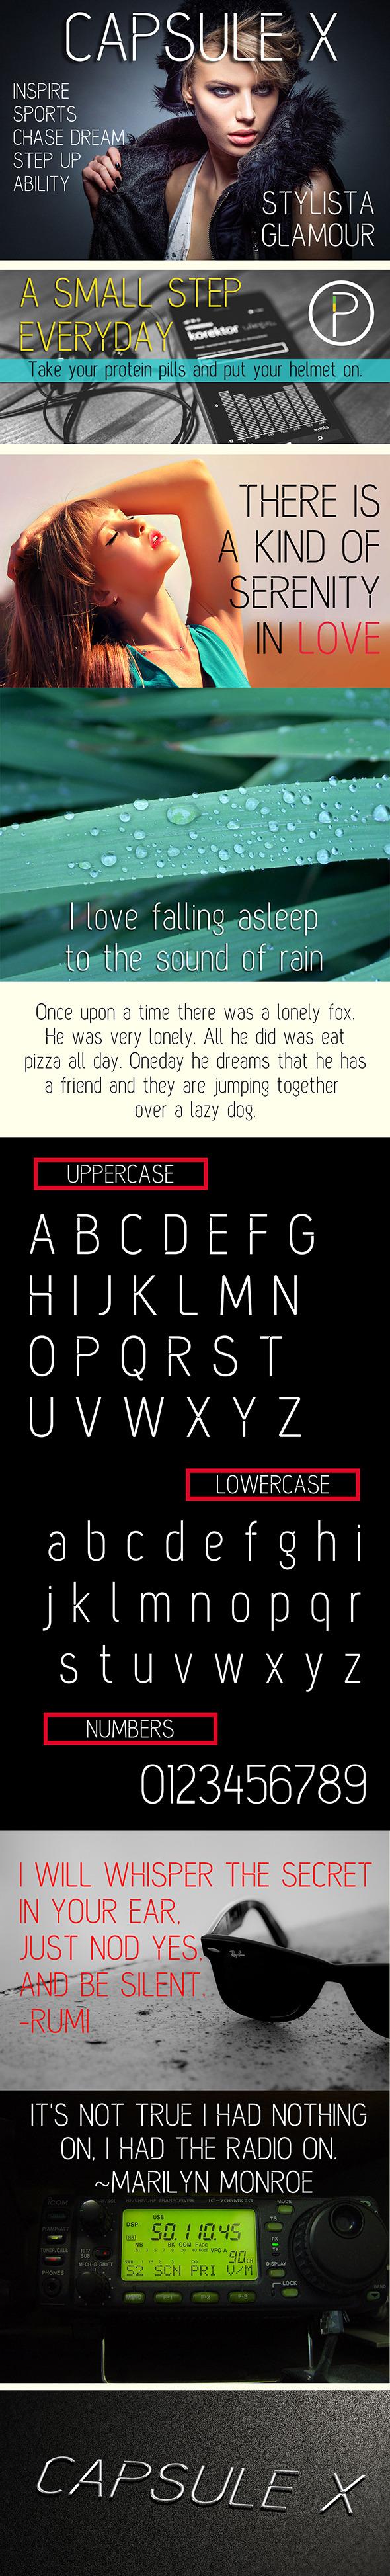 Capsule X Font - Sans-Serif Fonts